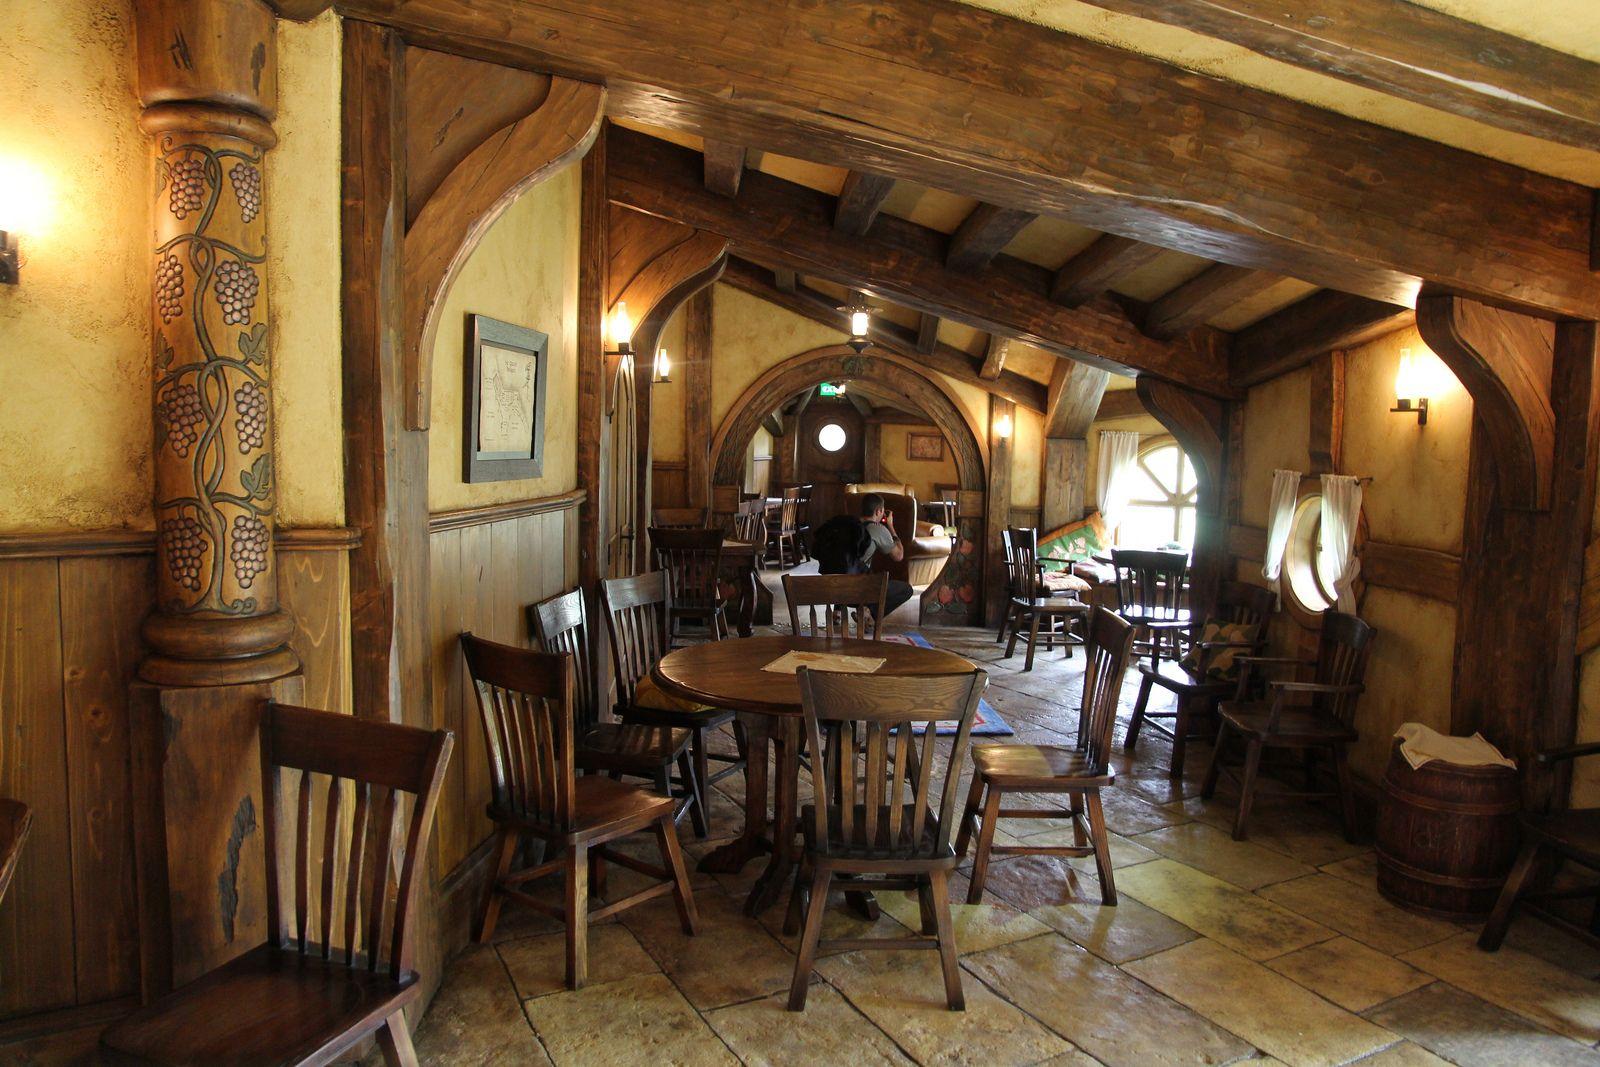 Hobbiton Movie Set The Hobbit House Design Disney Home Decor